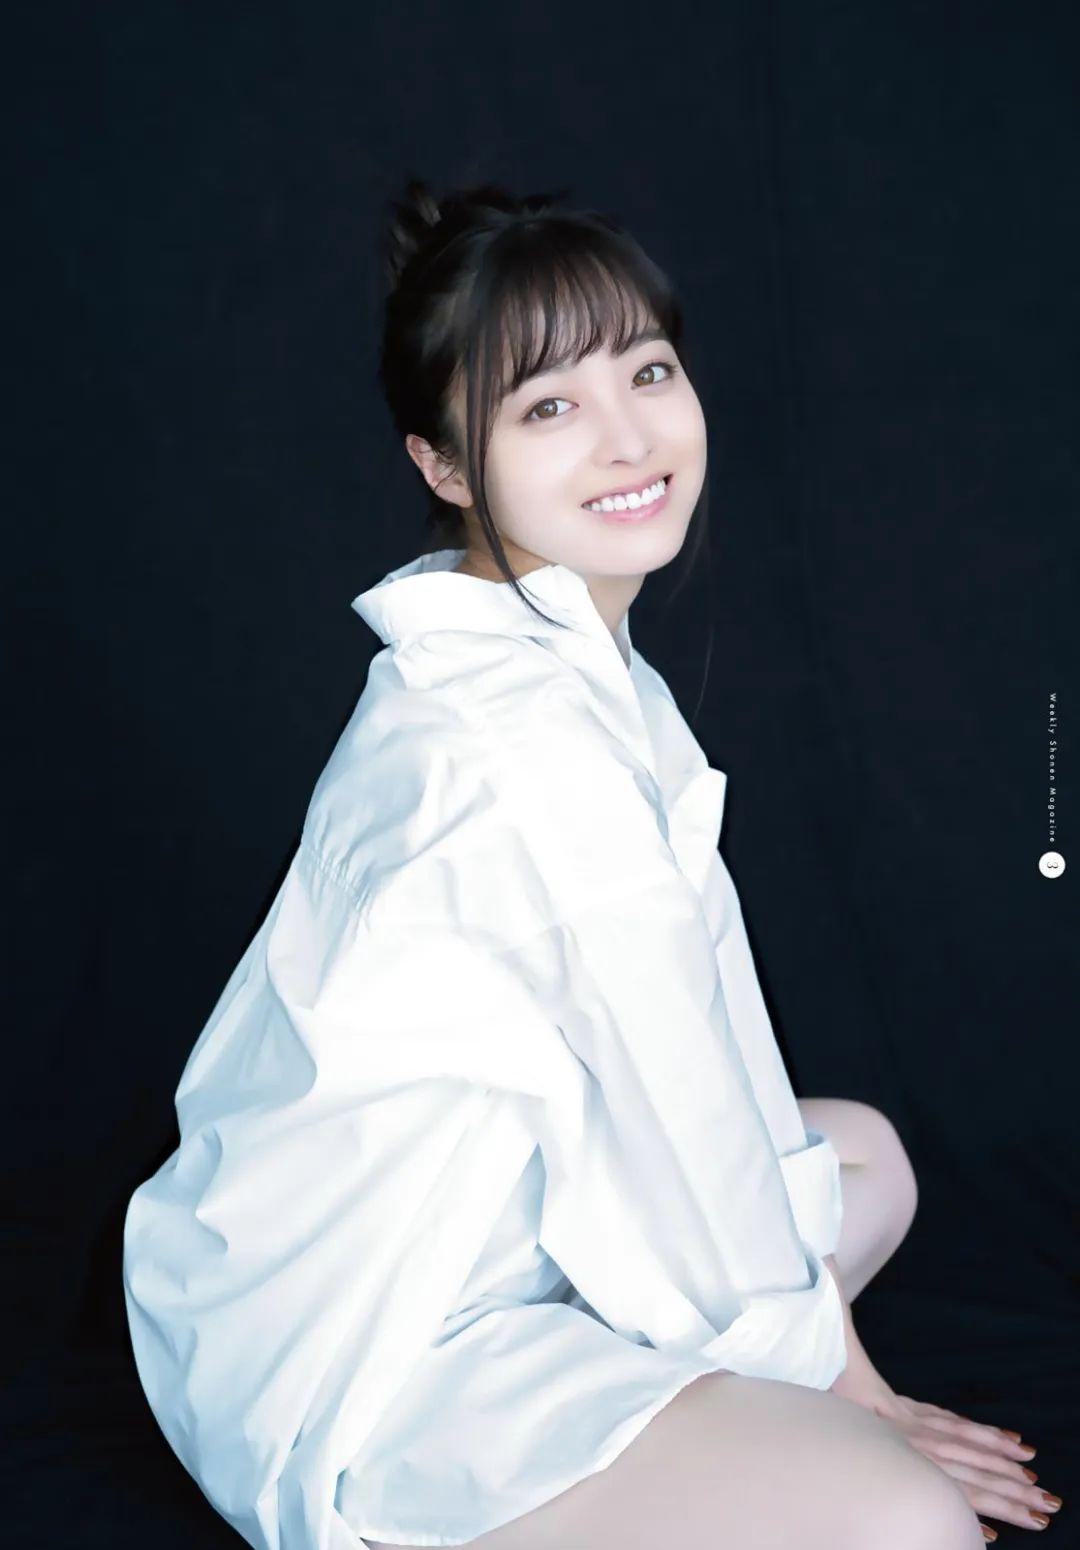 桥本环奈《周刊少年Jump》,气质美少女!_图片 No.4